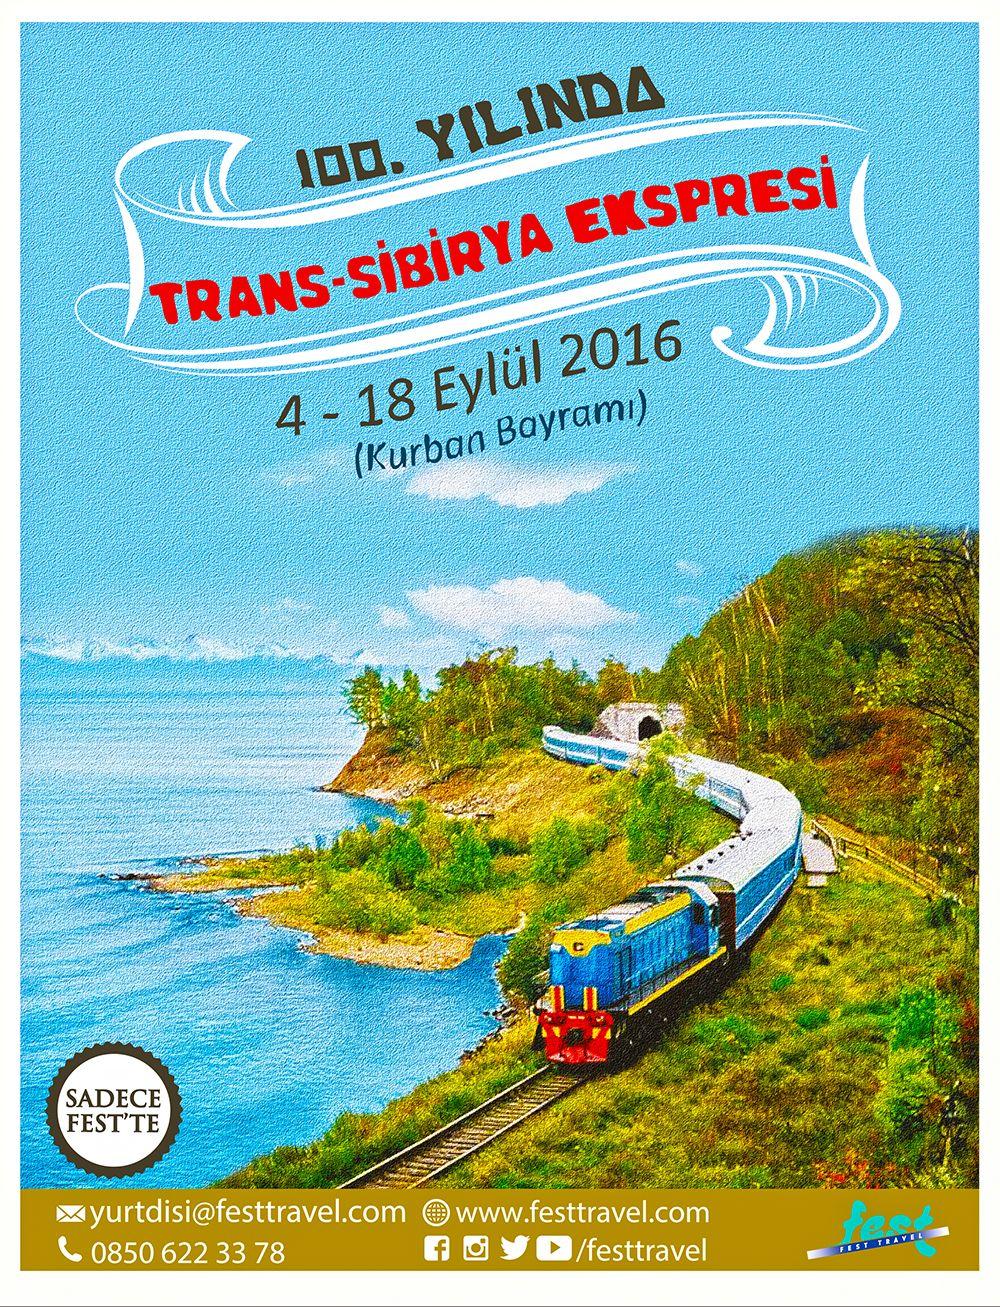 Efsane Rota 100. Yılında: Trans-Sibirya Ekspresi